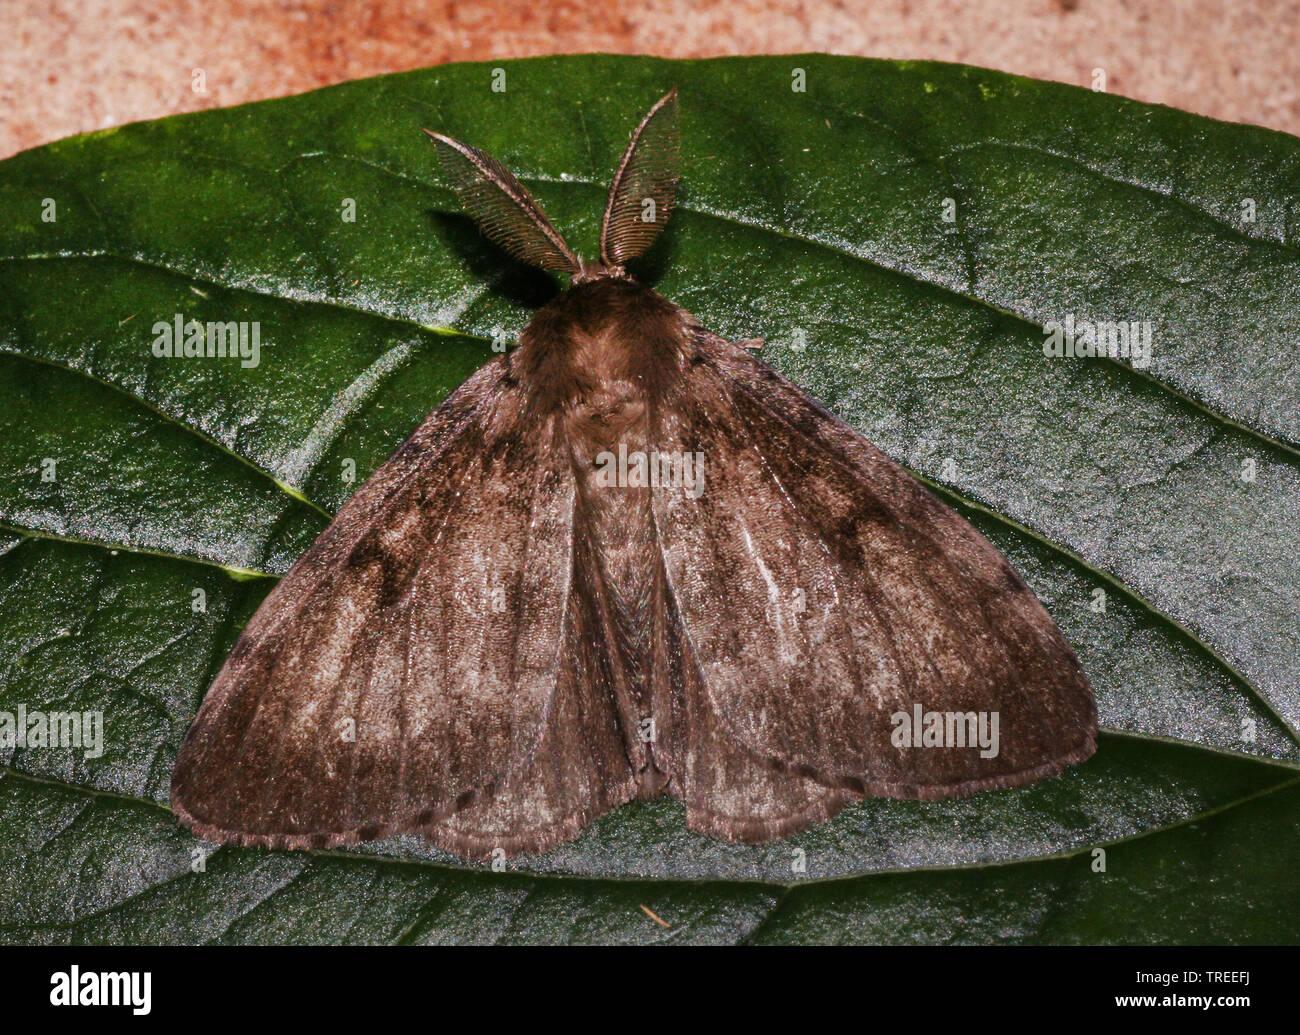 Schwammspinner, Schwamm-Spinner (Lymantria dispar), sitzt auf einem Blatt, Niederlande | Gipsy moth (Lymantria dispar), sits on a leaf, Netherlands | - Stock Image